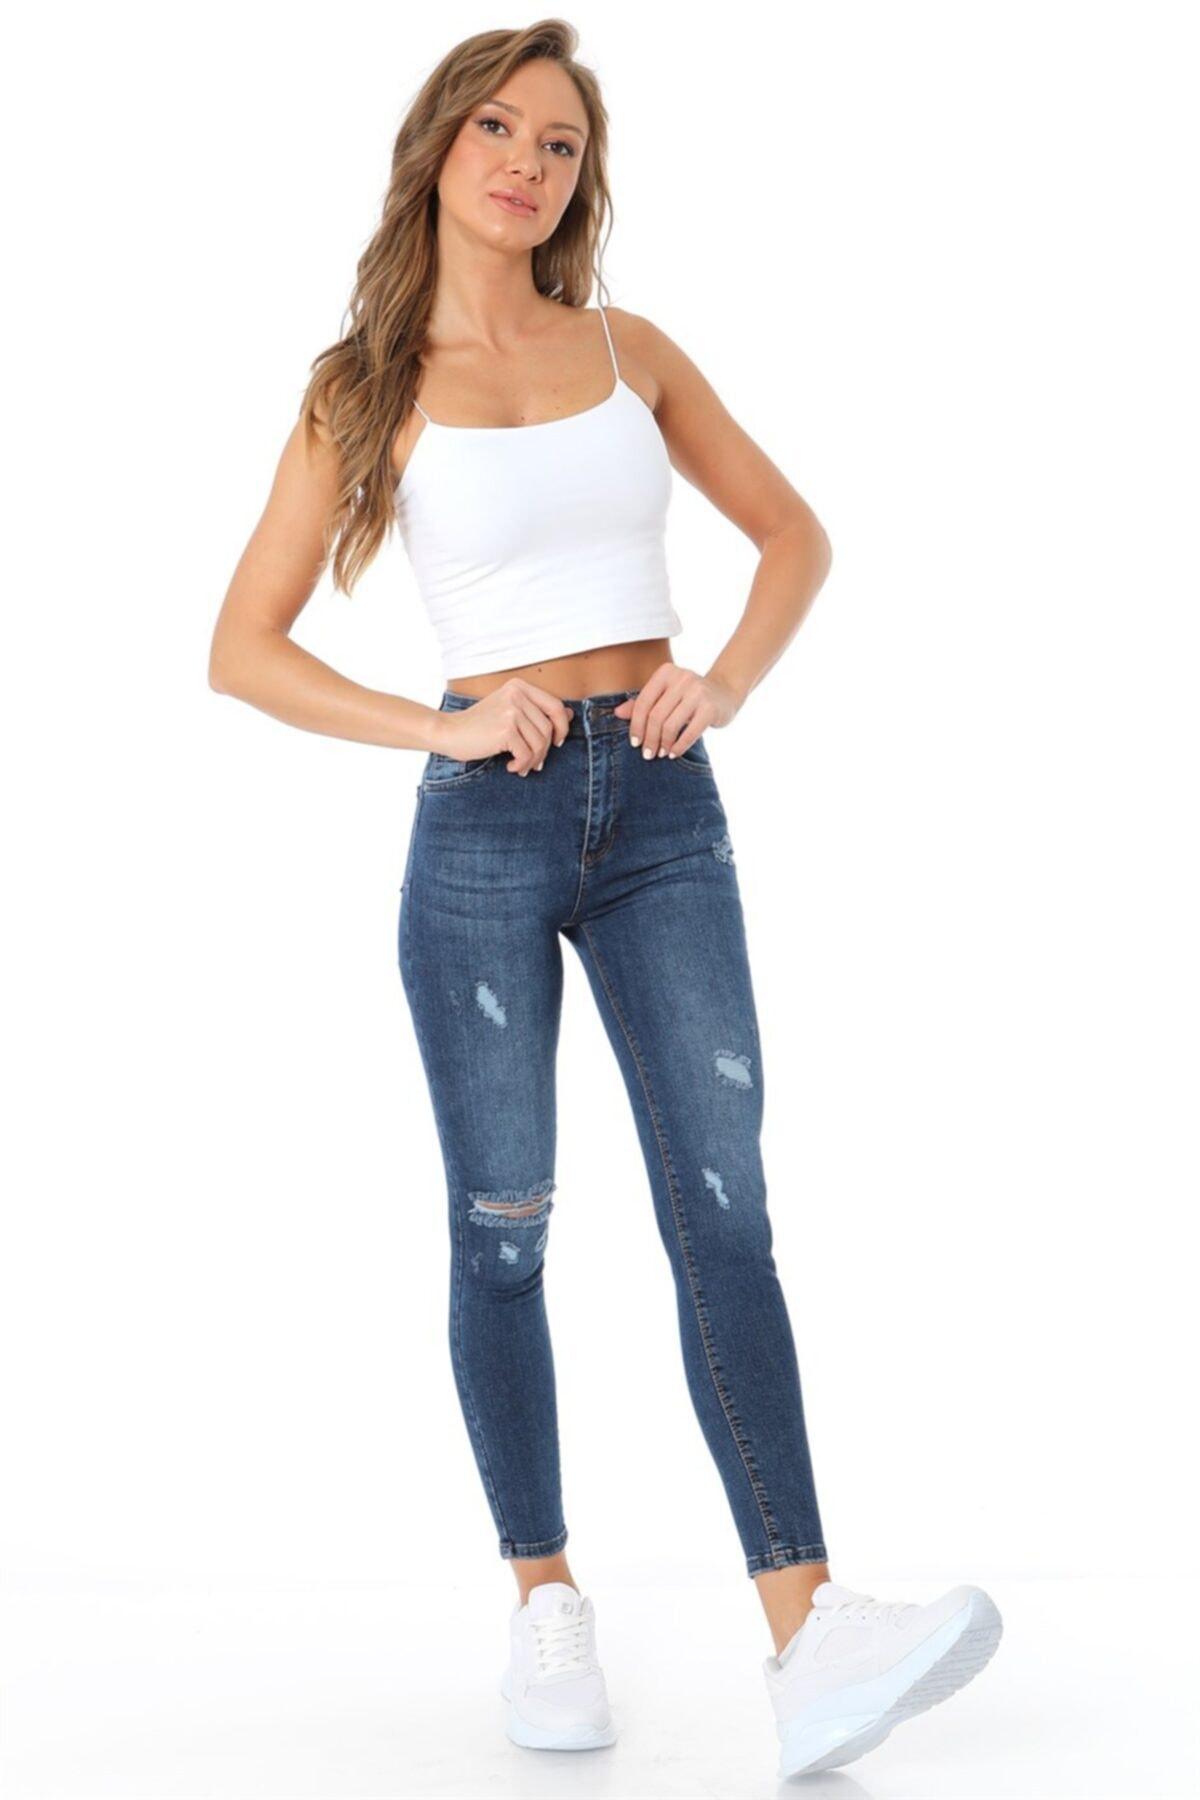 ZİNCiRMODA Yüksel Bel Dar Paça Yırtık Pantolon - Mavi 1